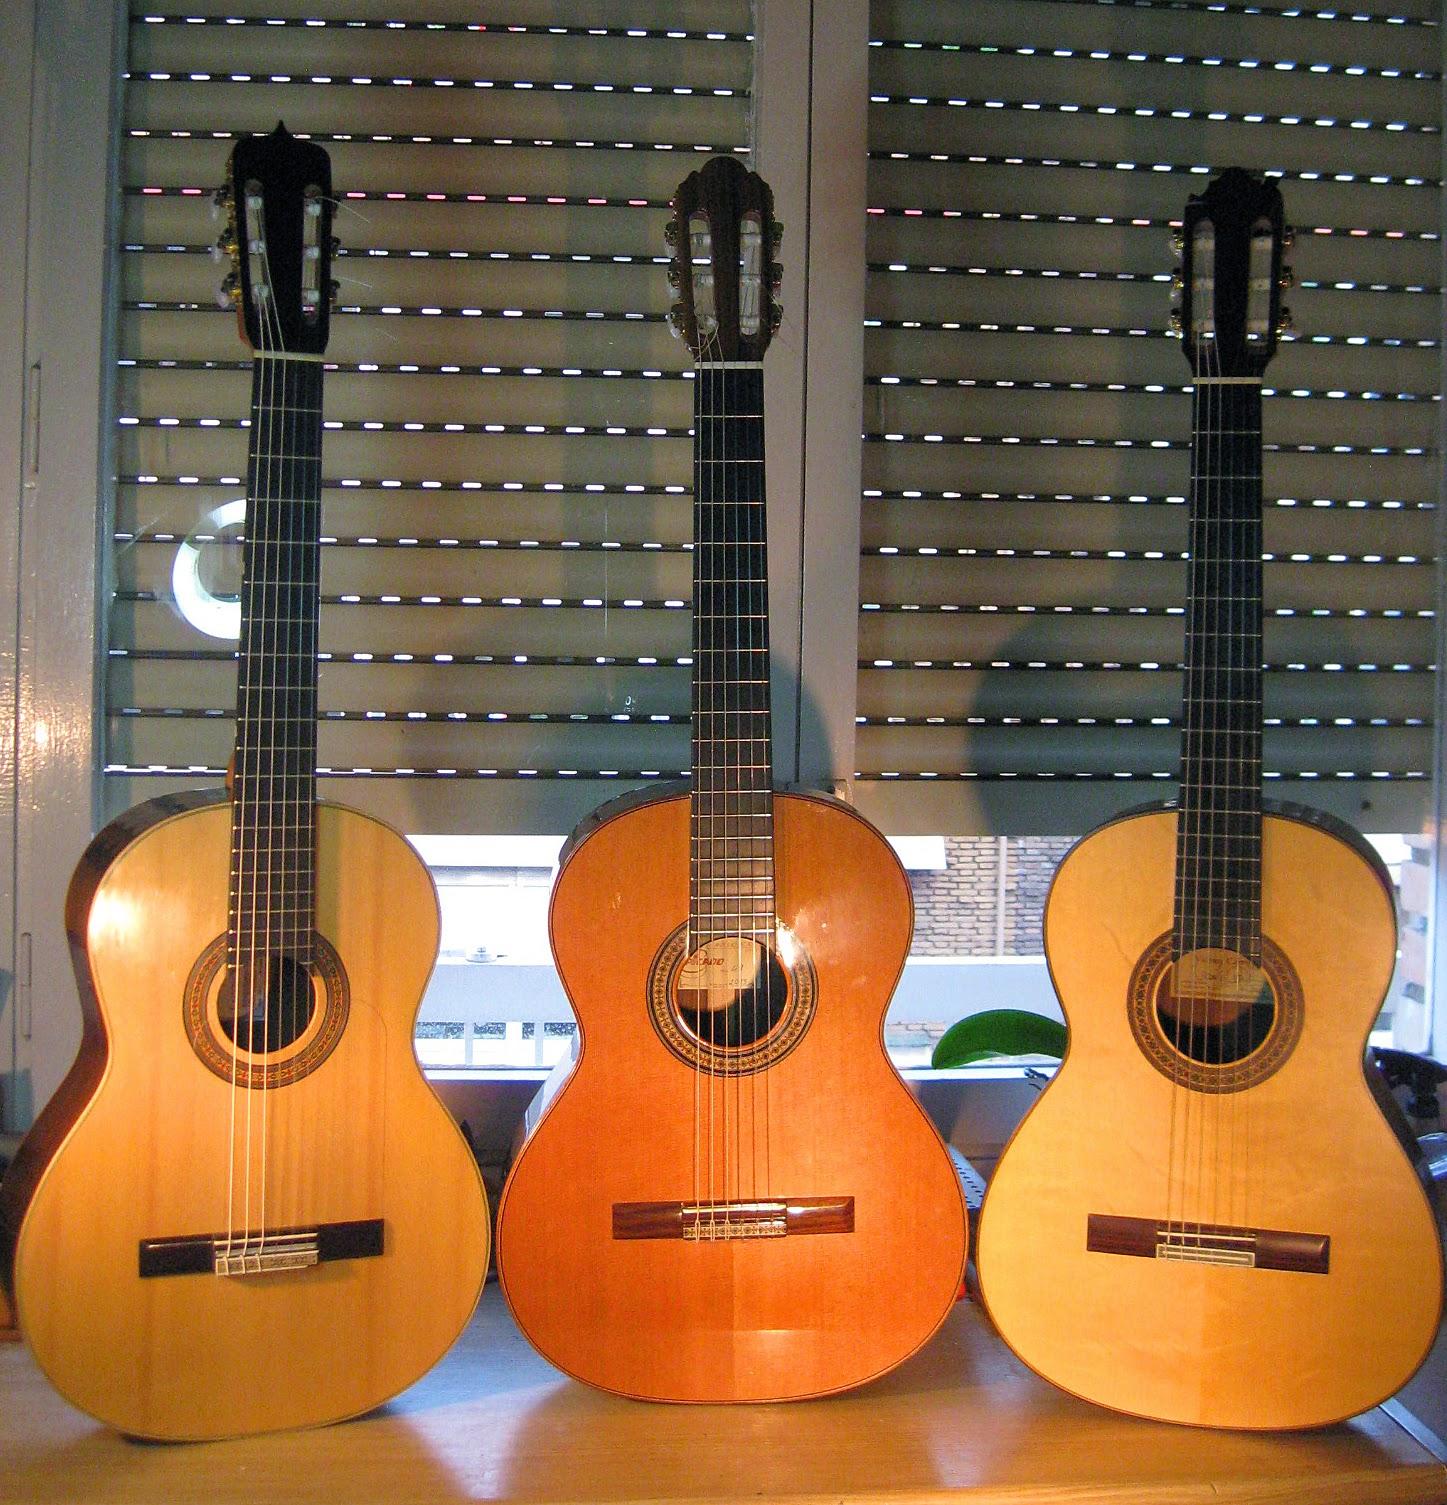 Cithara hispanica : Tres guitarras, tres voces: El efecto de las ...